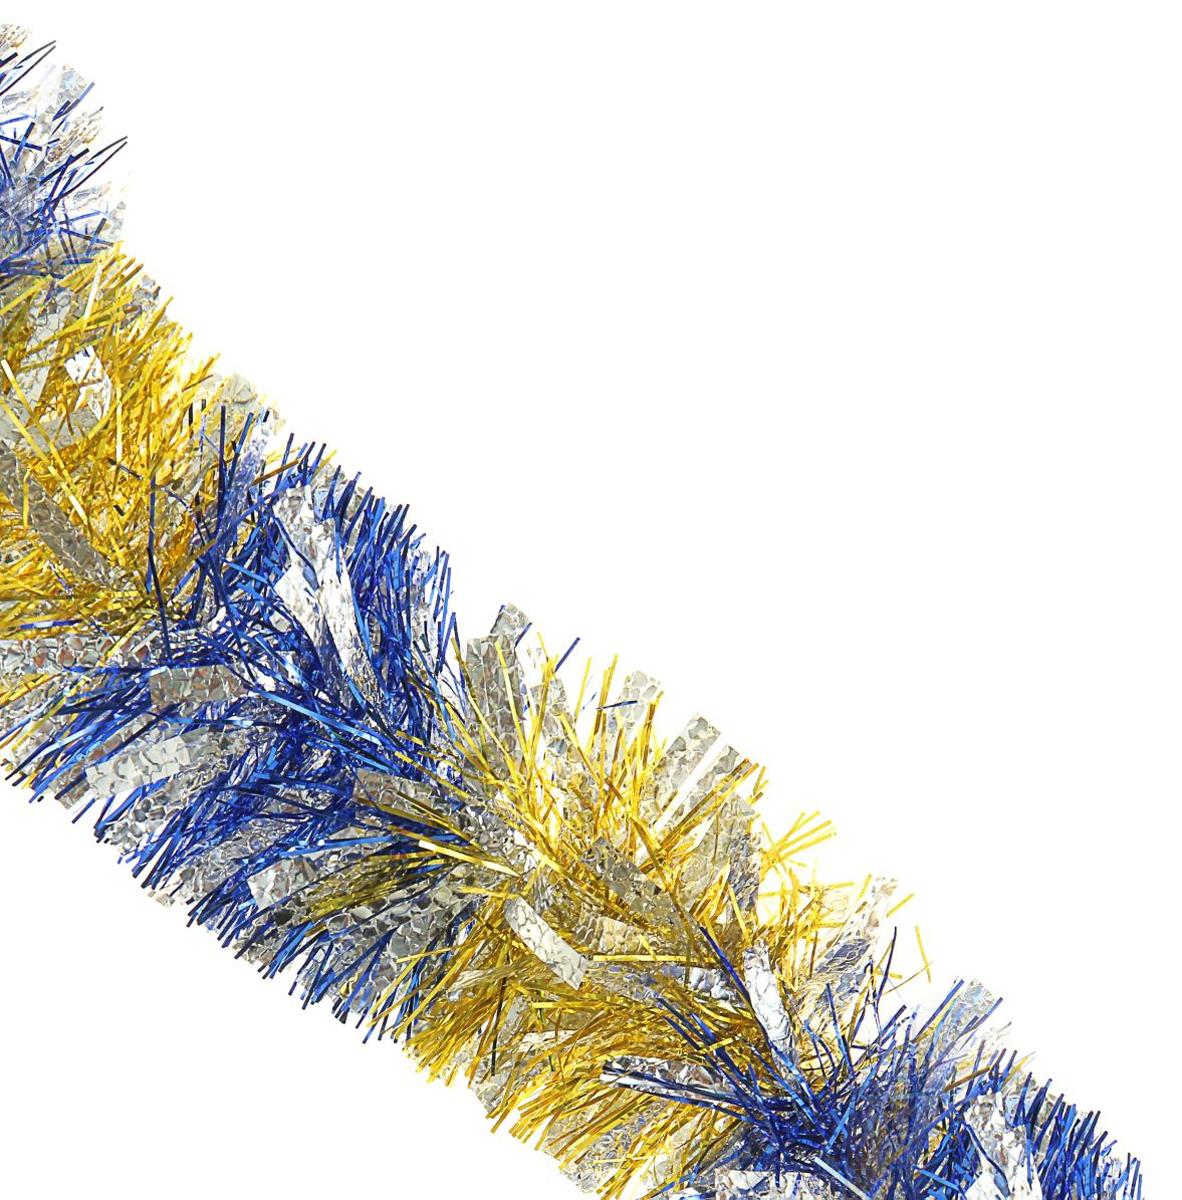 Мишура новогодняя Sima-land, цвет: малиновый, серебристый, диаметр 9 см, длина 2 м. 452424452424